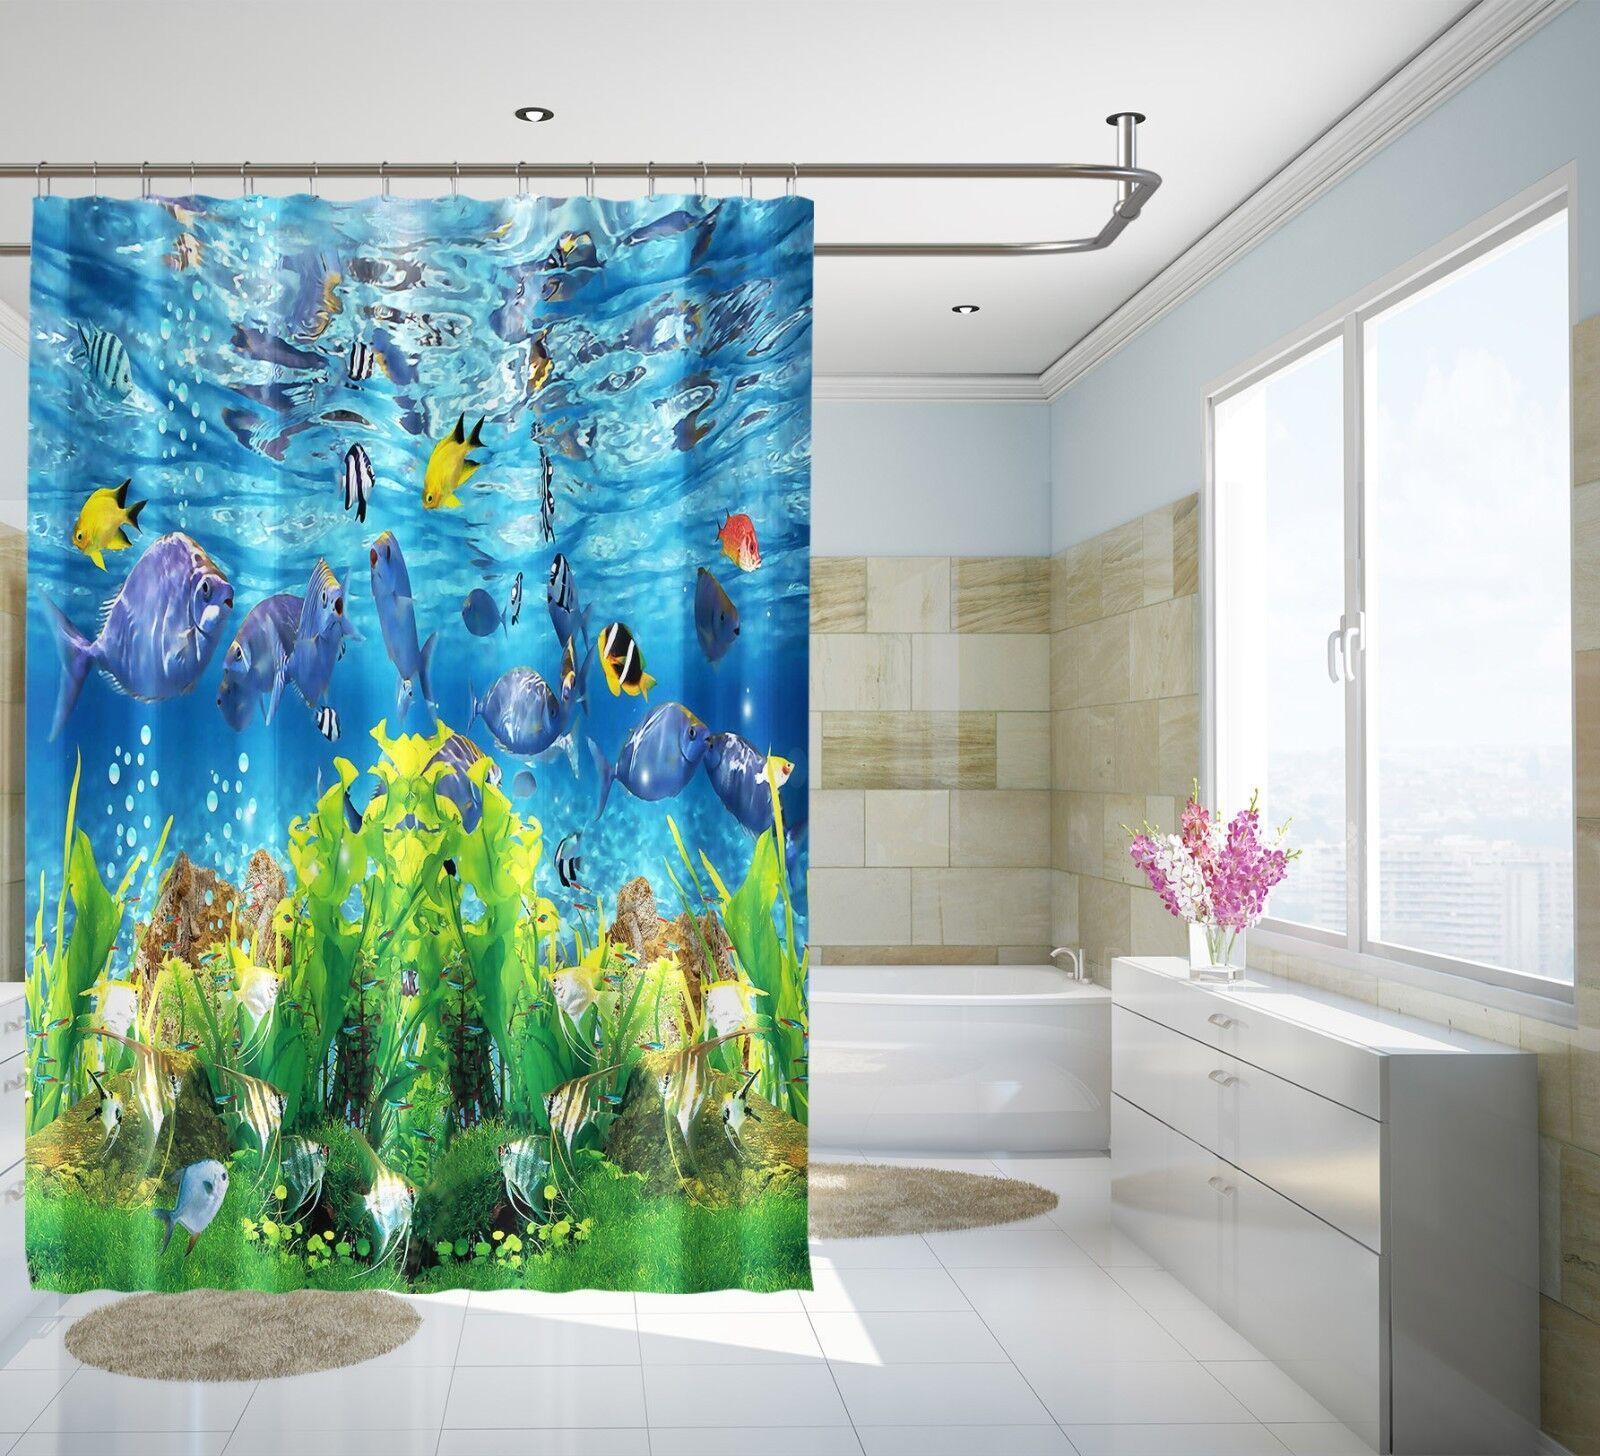 3D Delphin Fisch 2 Duschvorhang Wasserdicht Faser Bad Daheim Windows Toilette DE | Ausgezeichnete Leistung